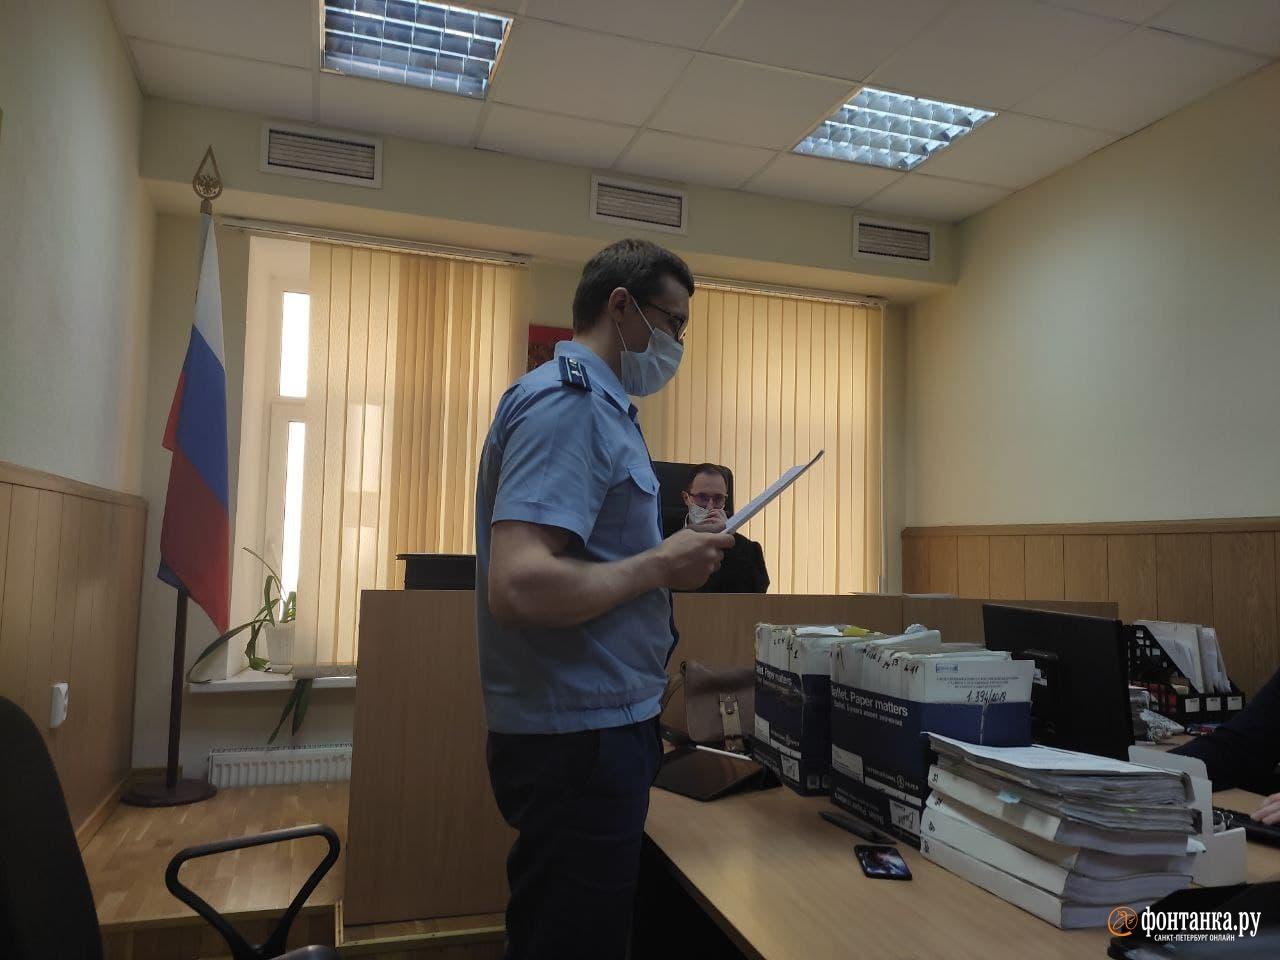 Прокурор Дмитрий Коротенков